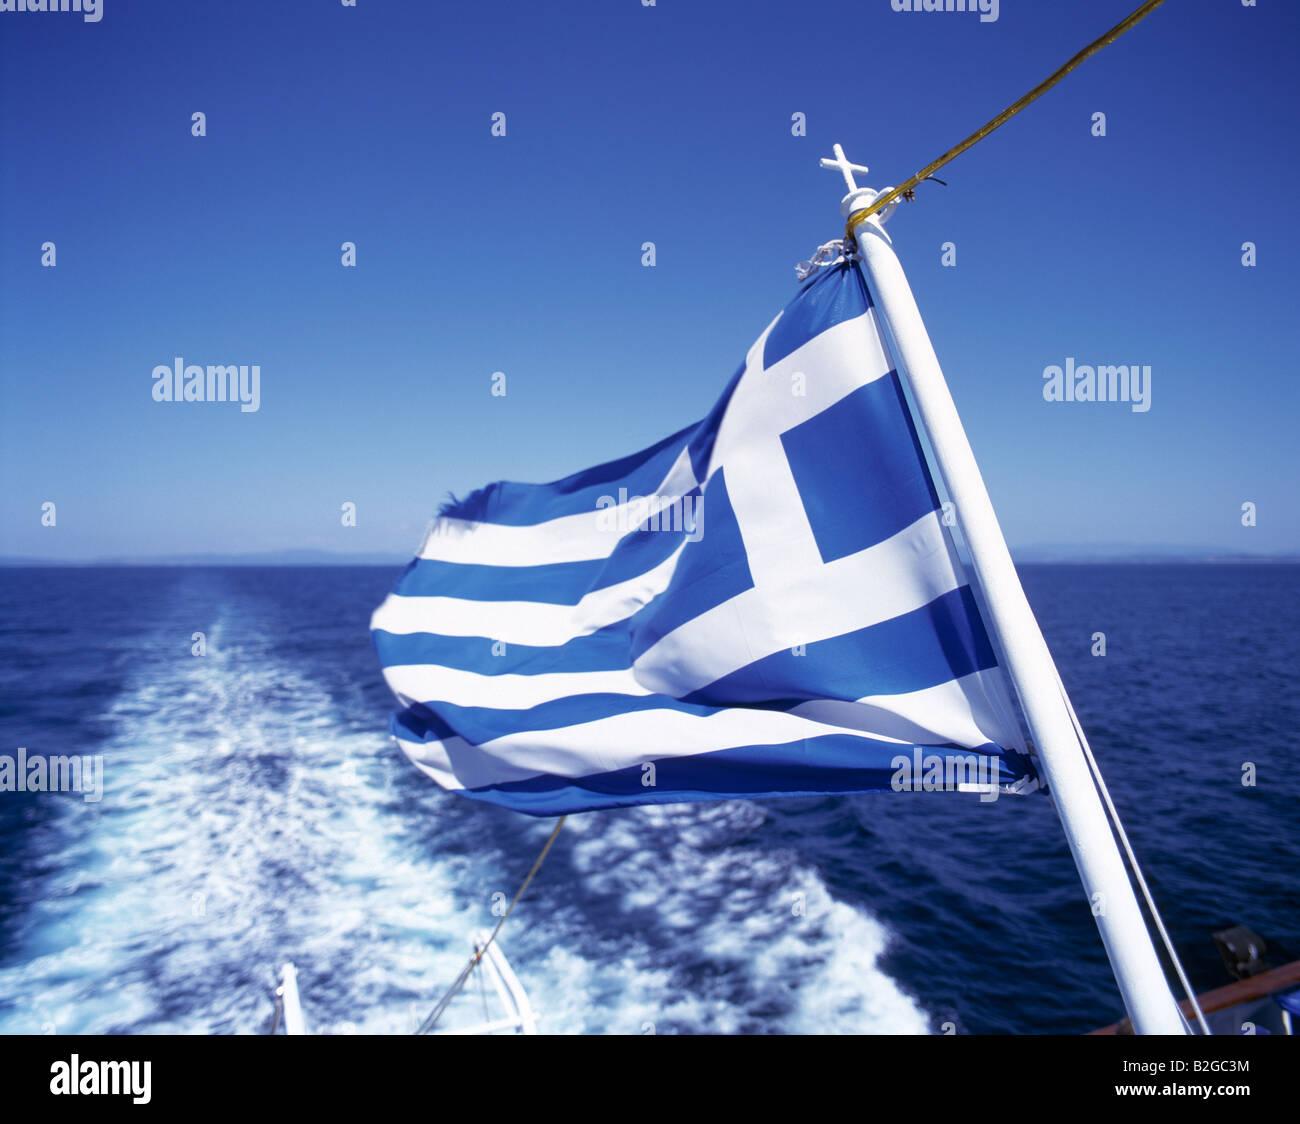 Griechenland-Flagge auf einem Ausflugsschiff, Blick ueber das Schiffsheck, schaeumendes Meer, Aegaeisches Meer - Stock Image